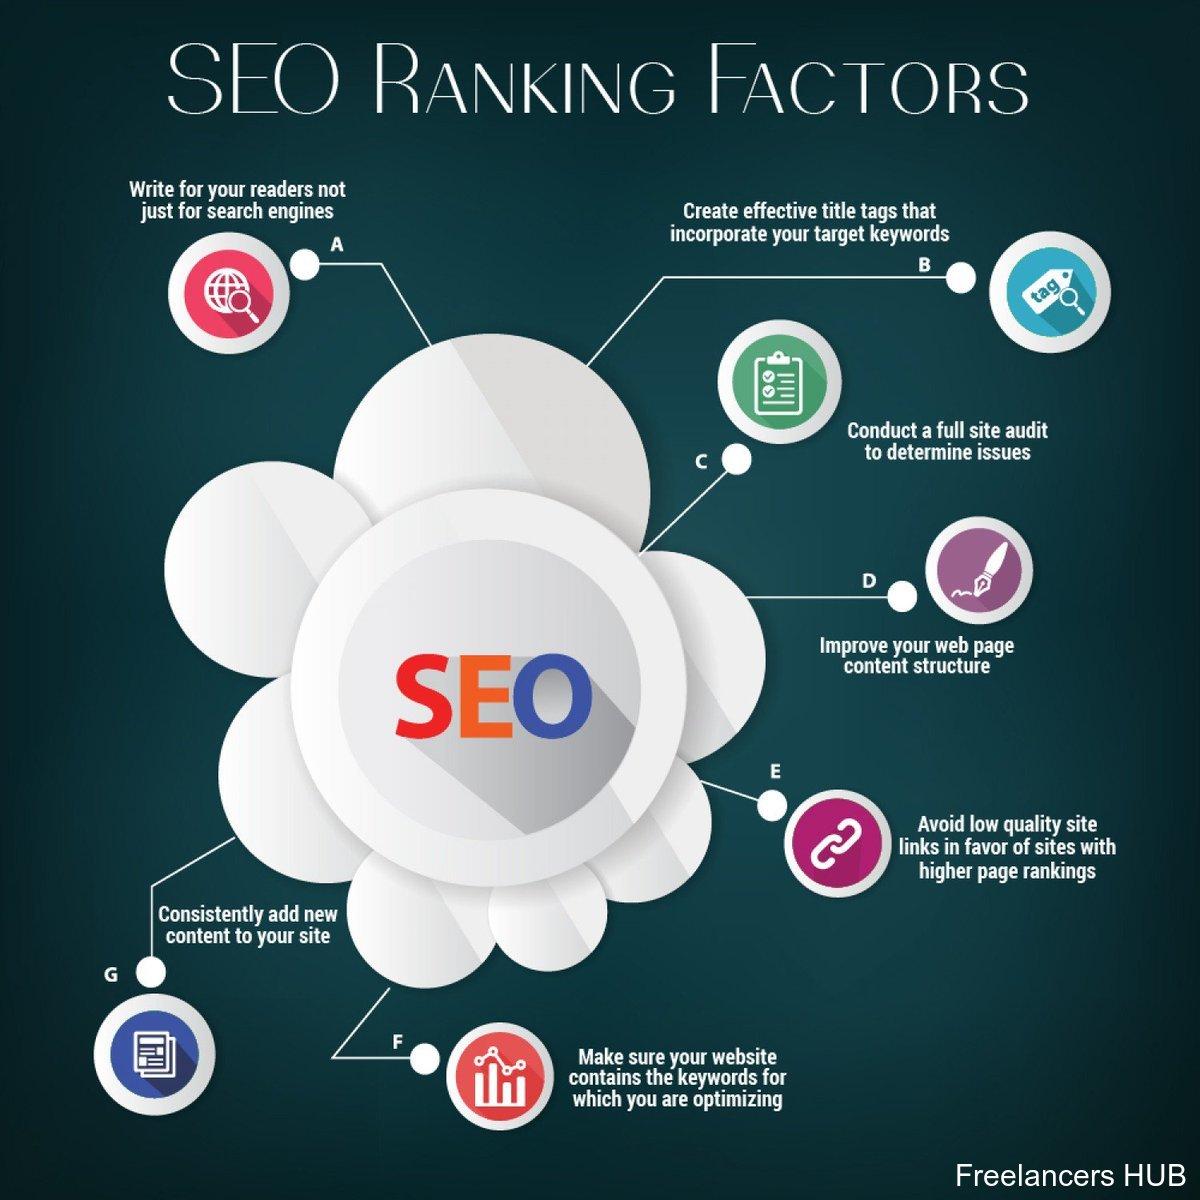 #SEO ranking factors